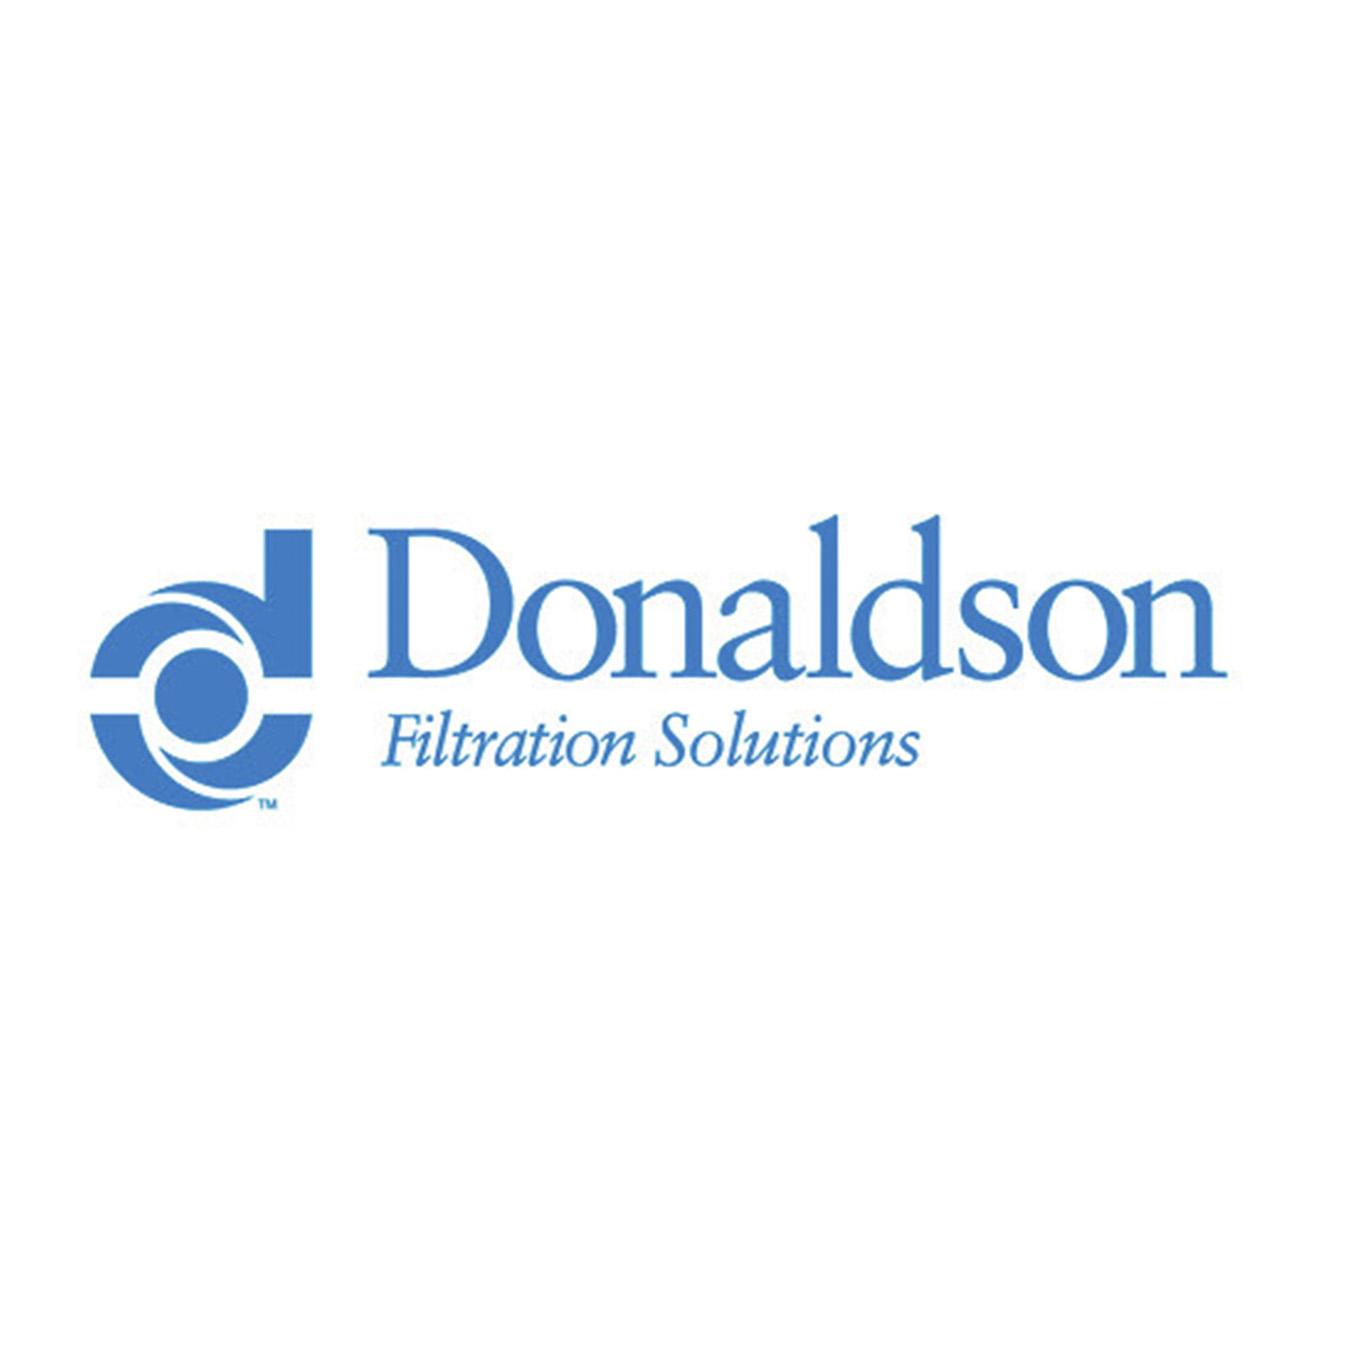 DONALDSON.jpg